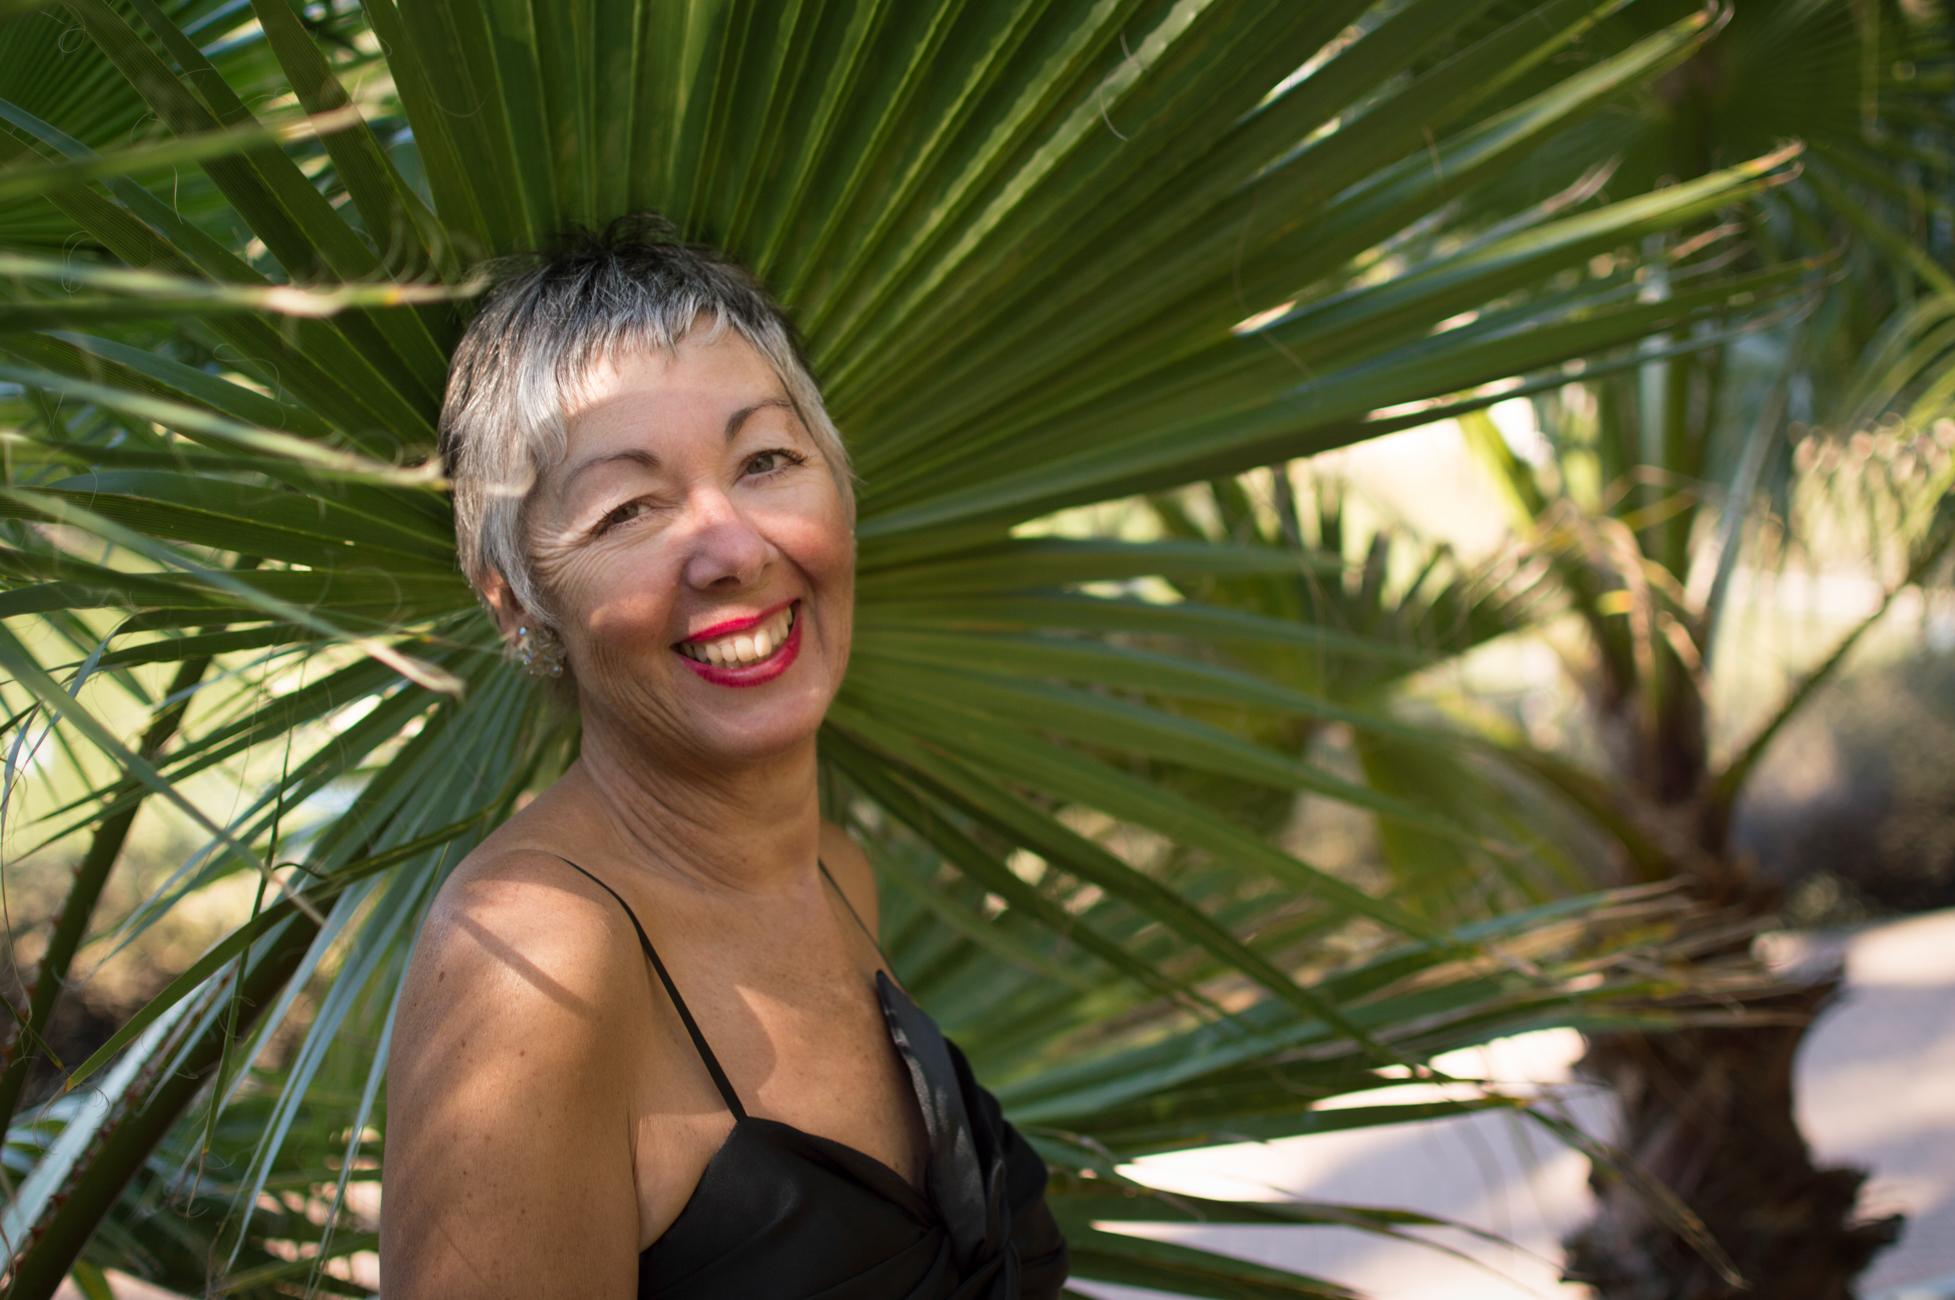 Barbara portrait couture